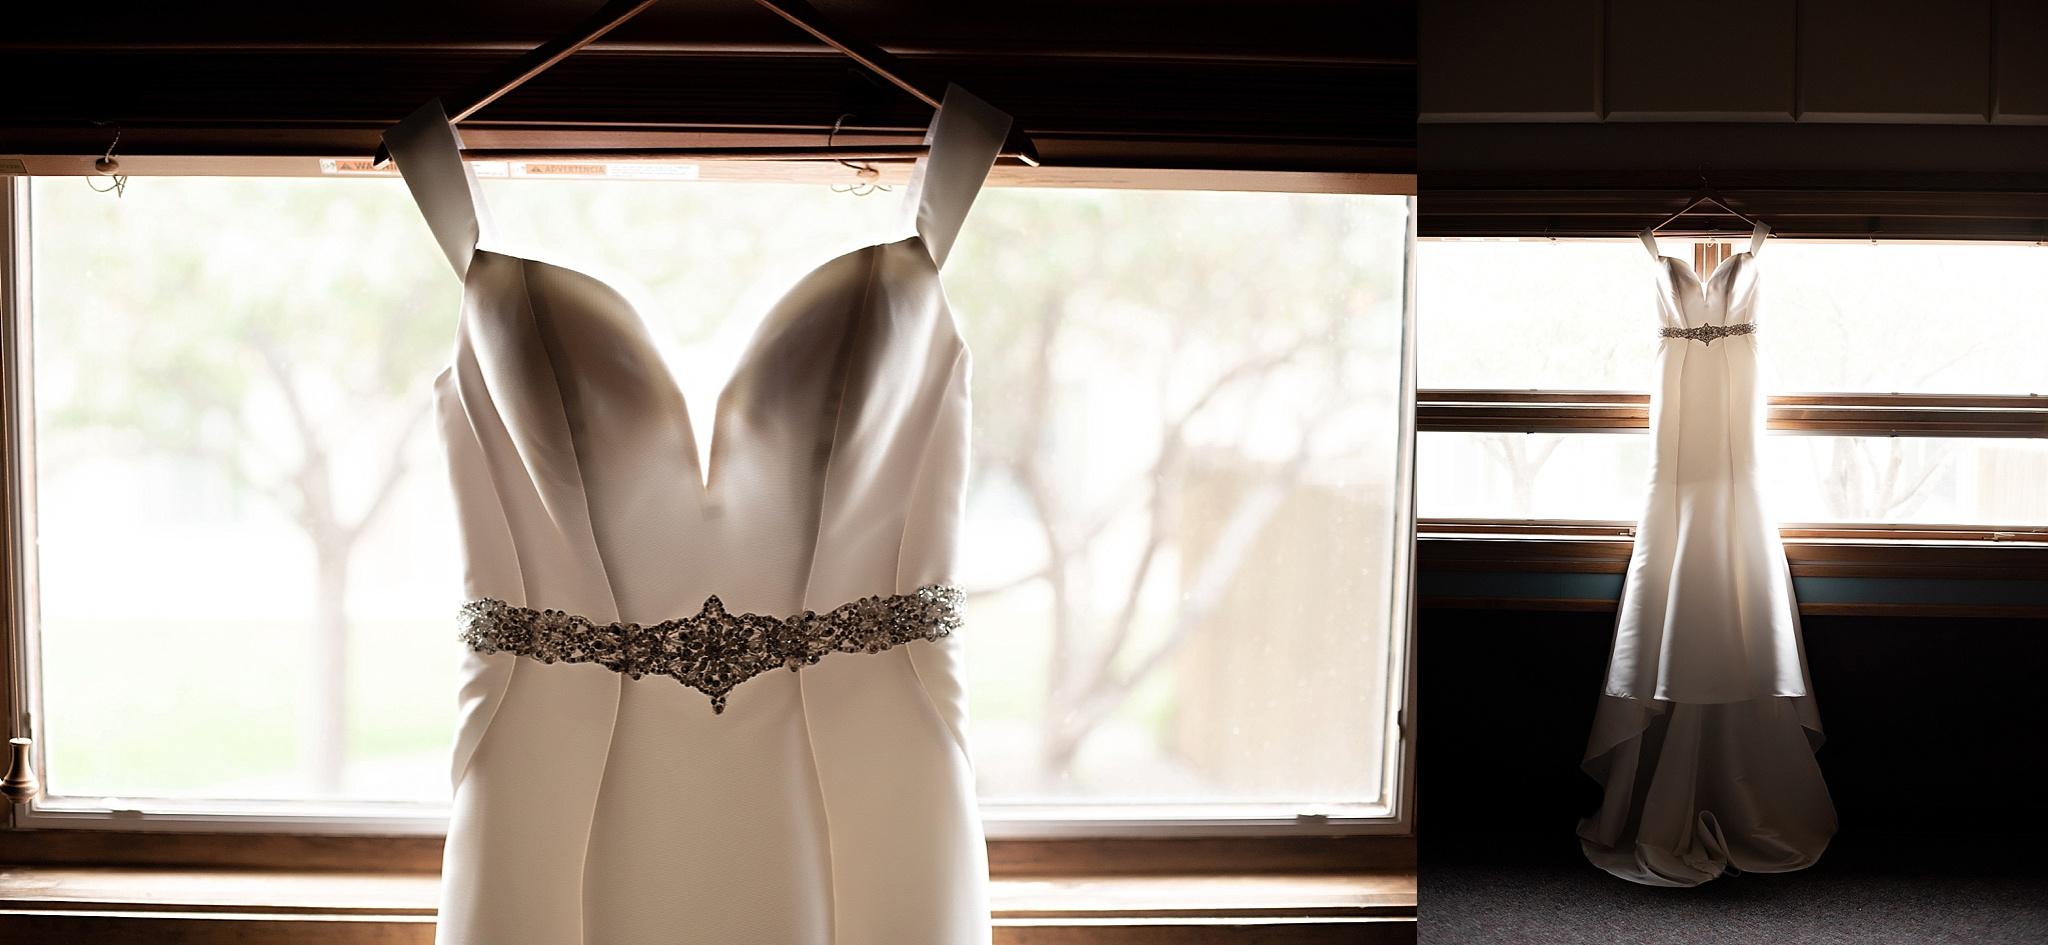 off the shoulder mermaid cut wedding dress